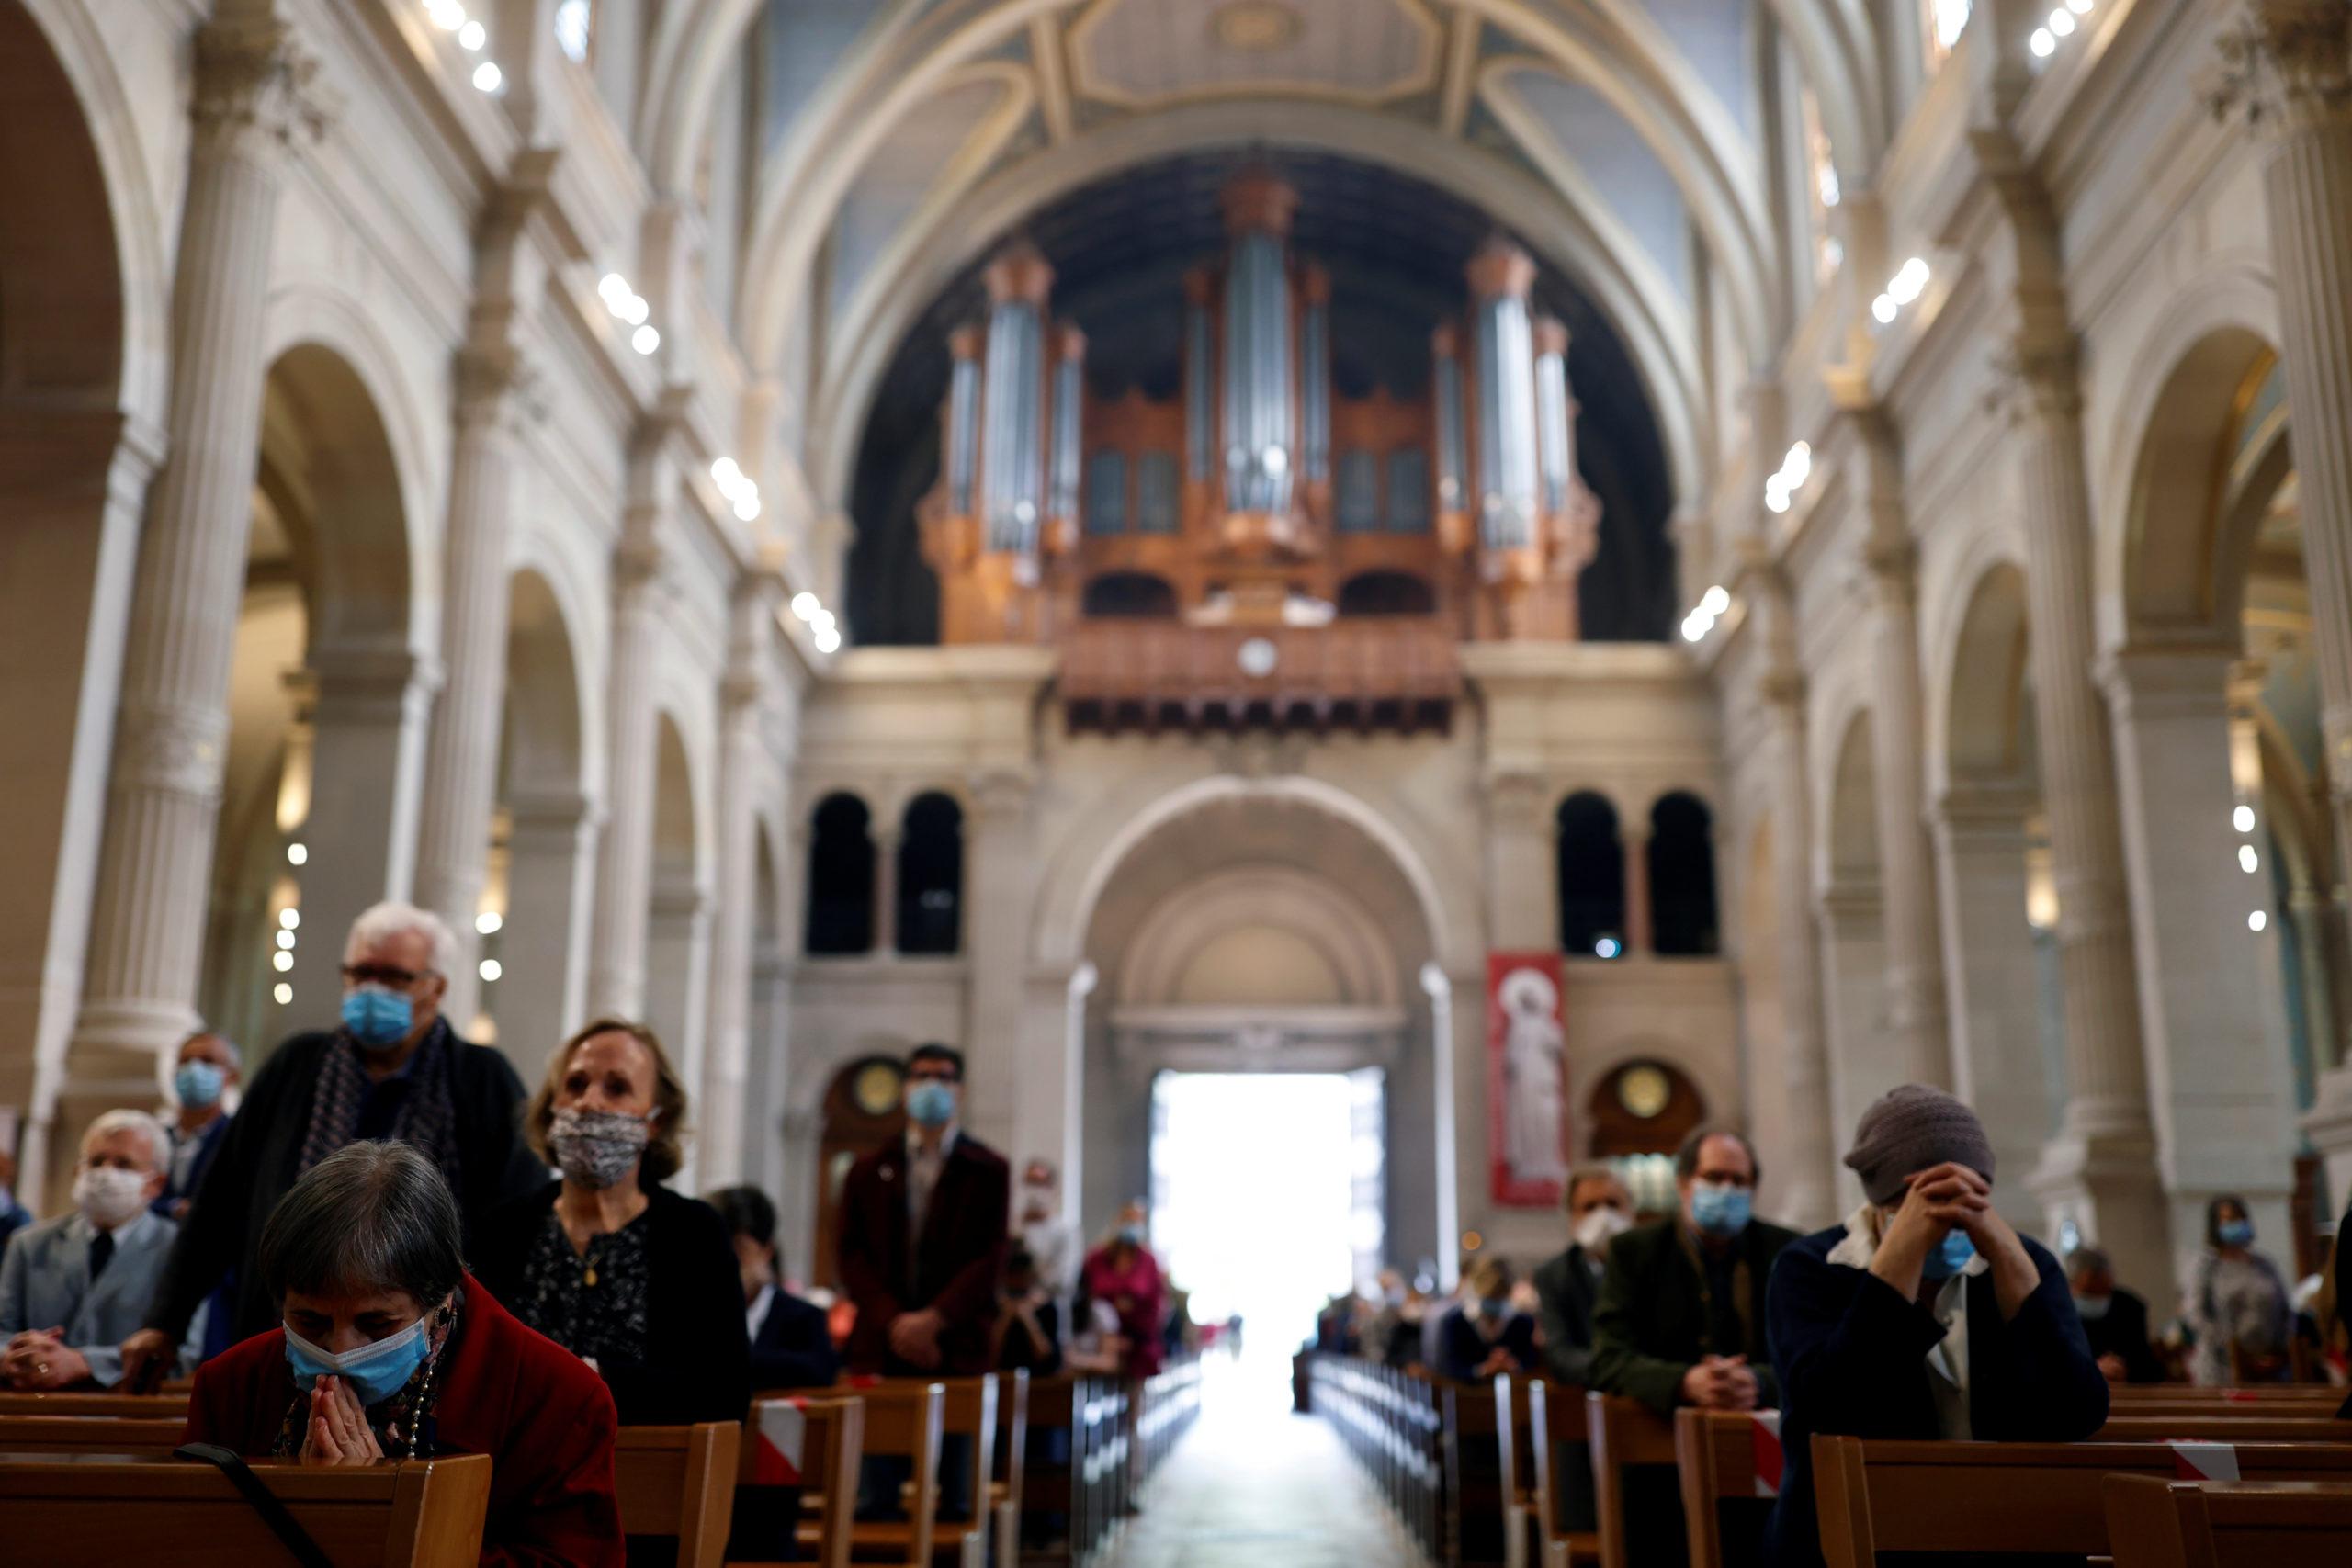 Cultes en France: Le conseil d'Etat demande de revoir la jauge de 30 personnes